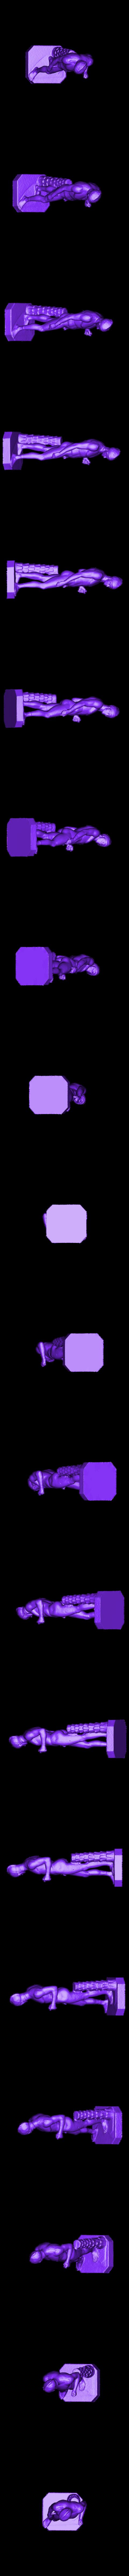 louvre-ares-mars-borghese-1.stl Télécharger fichier STL gratuit Ares Borghese au Louvre, Paris • Plan pour impression 3D, Louvre